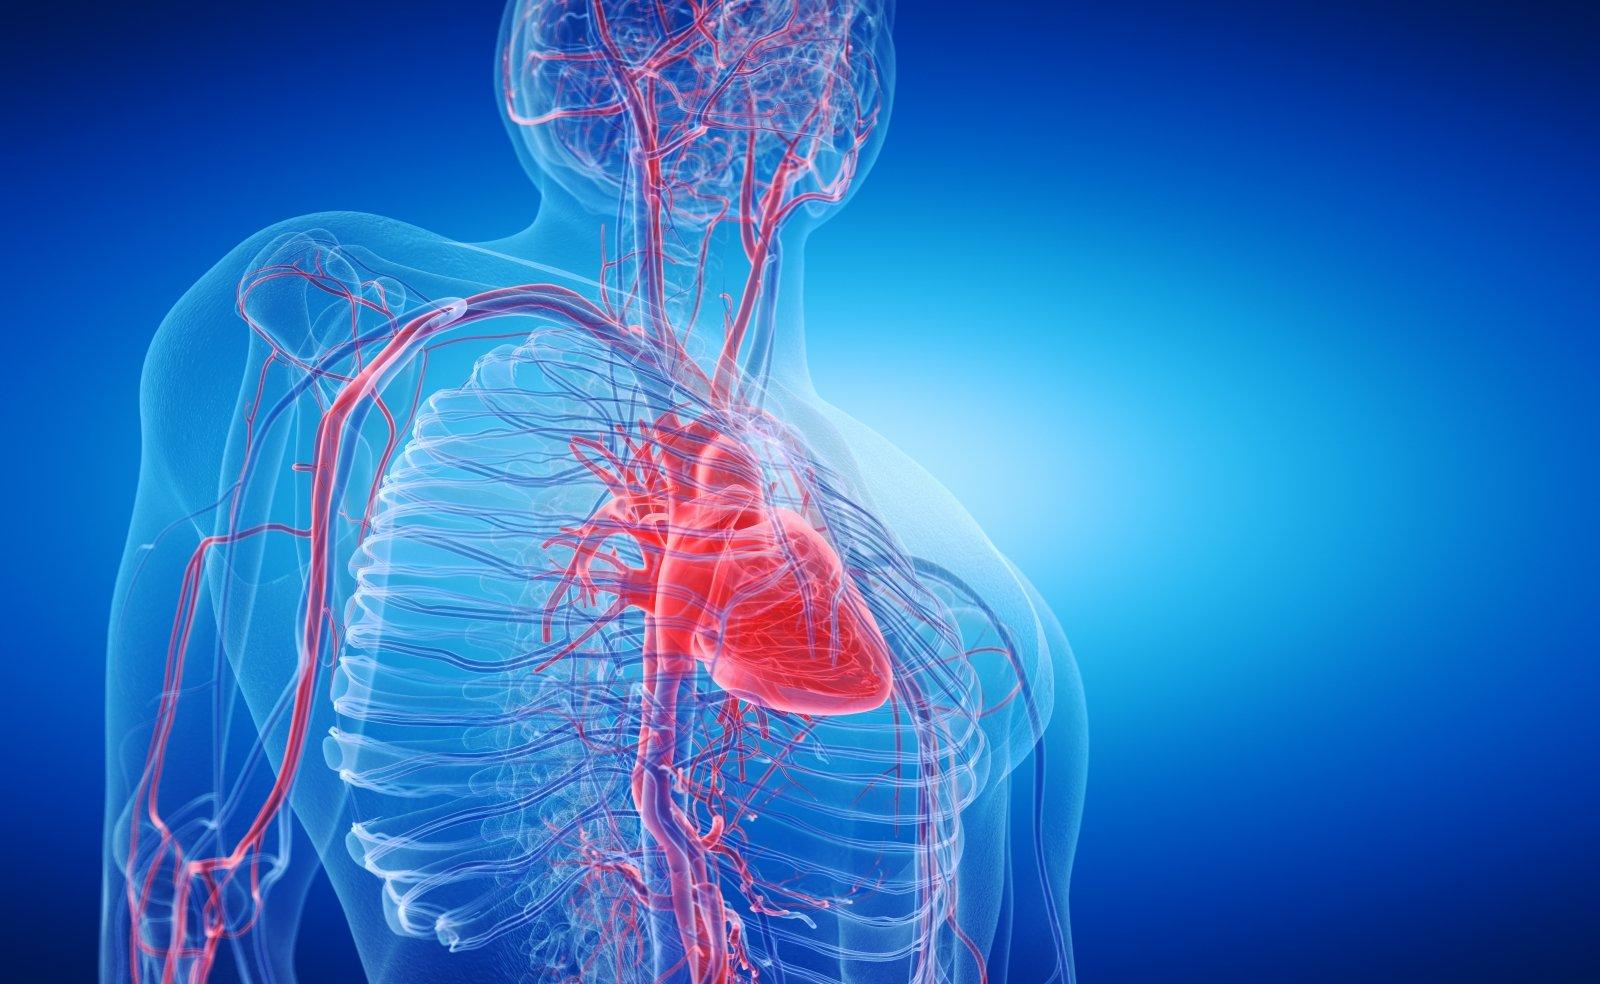 greita širdies sveikatos vakarienė ar galima hipertenzijai naudoti kardiomagnetą